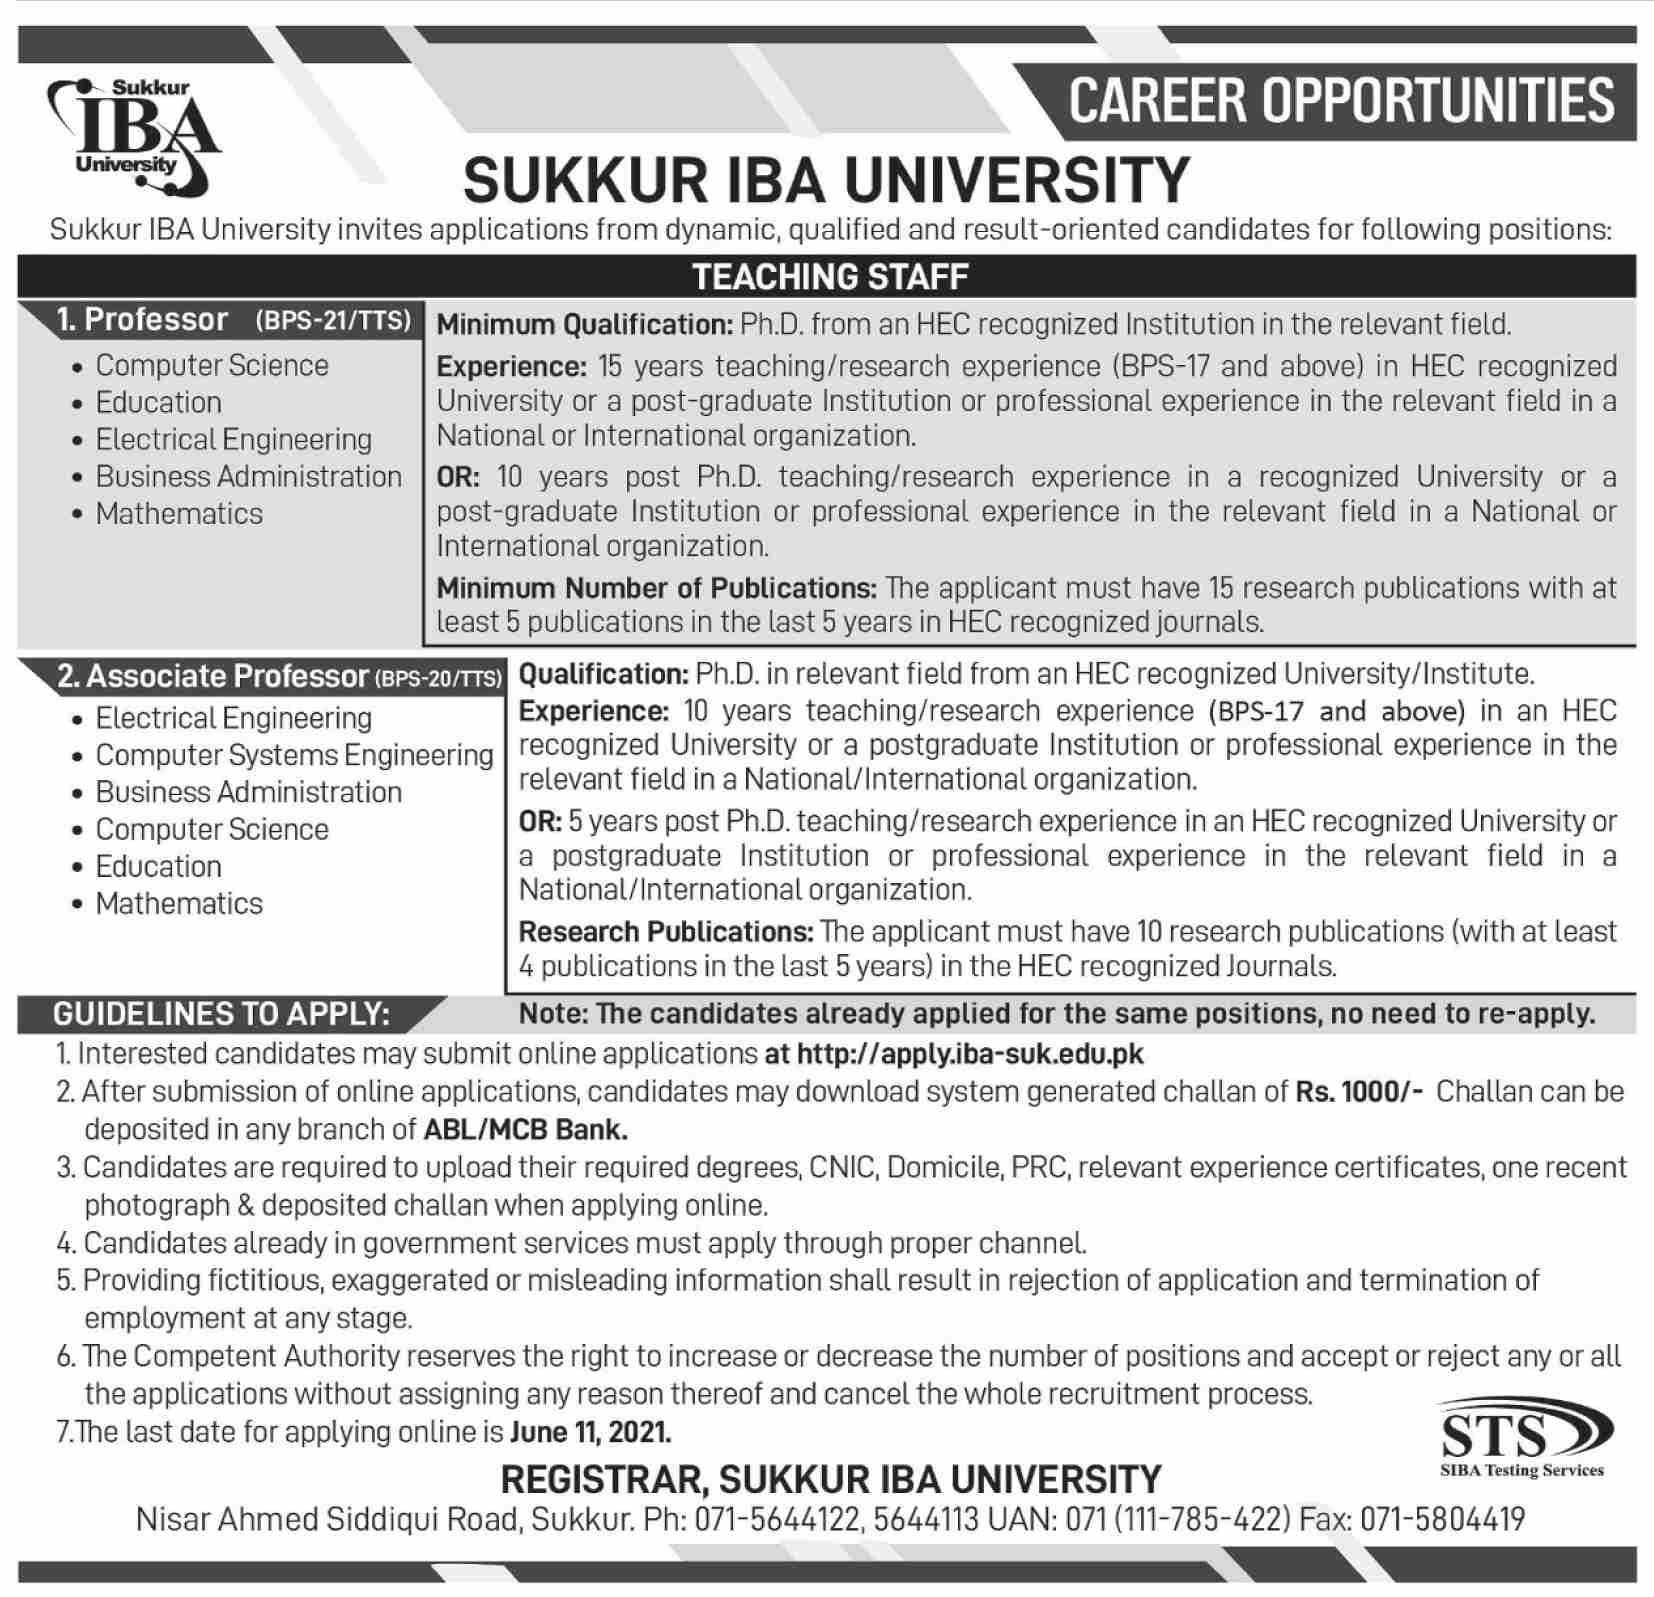 Sukkur Iba University Latest Teaching Jobs In Sukkur 2021